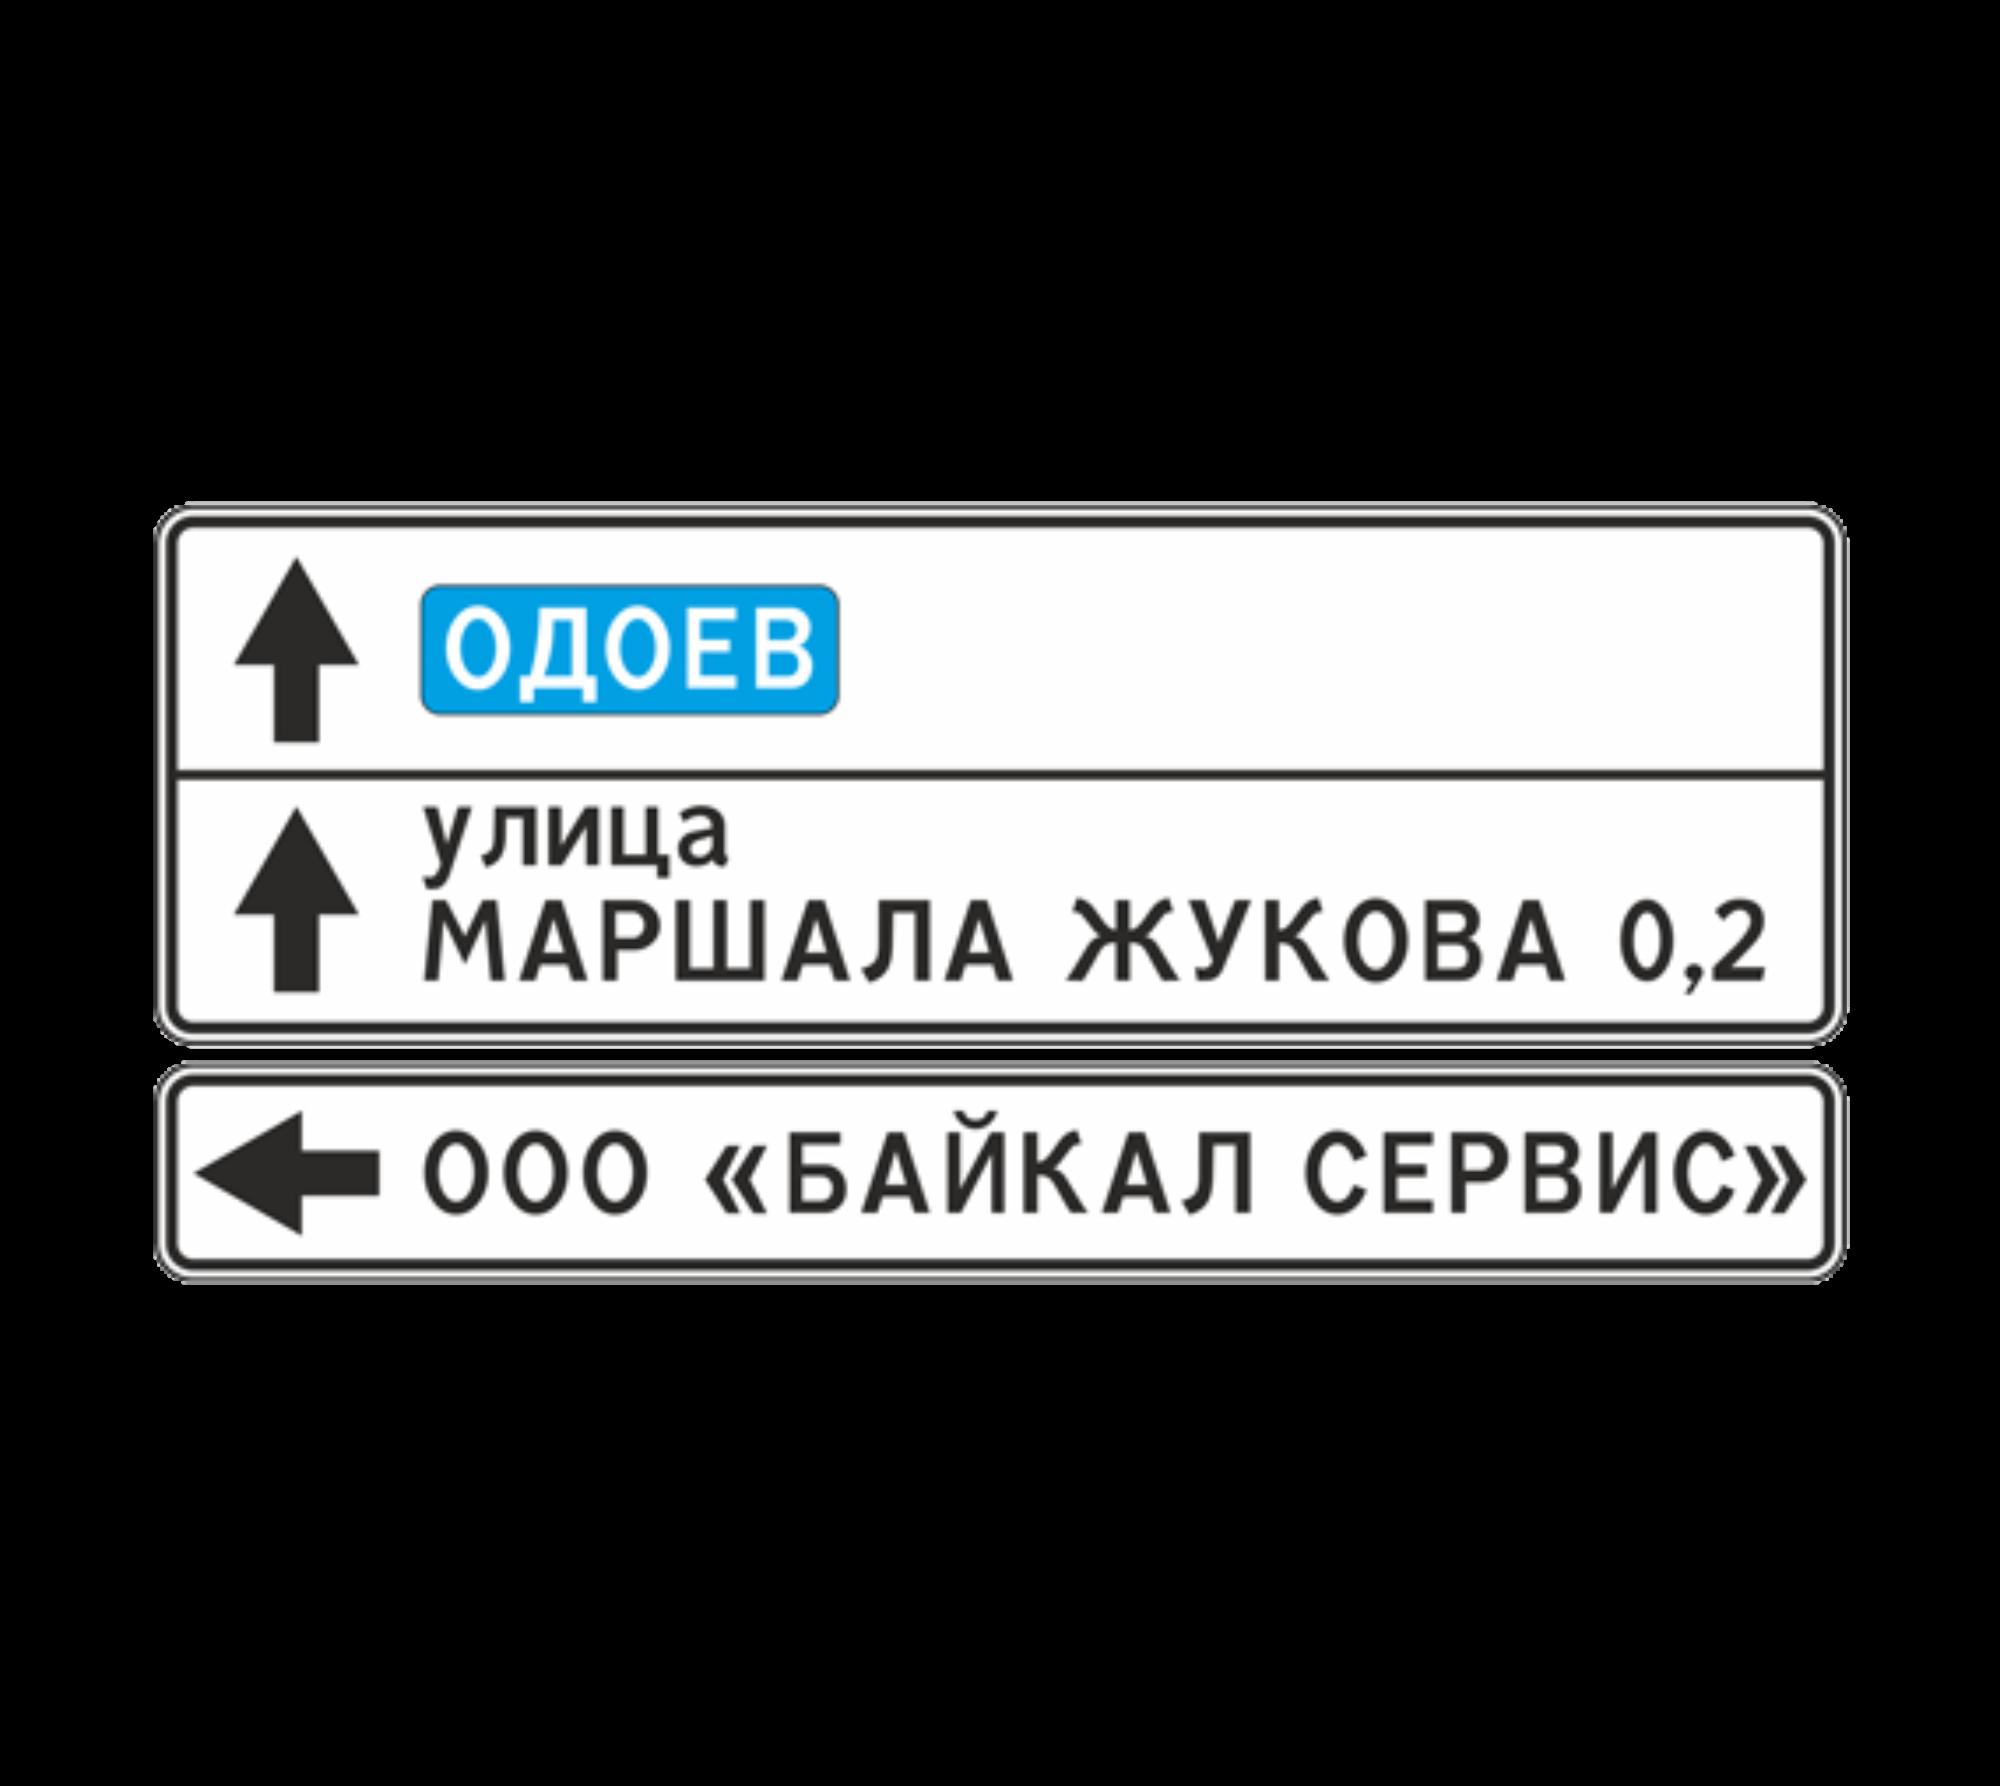 6.10.1 Указатель направления